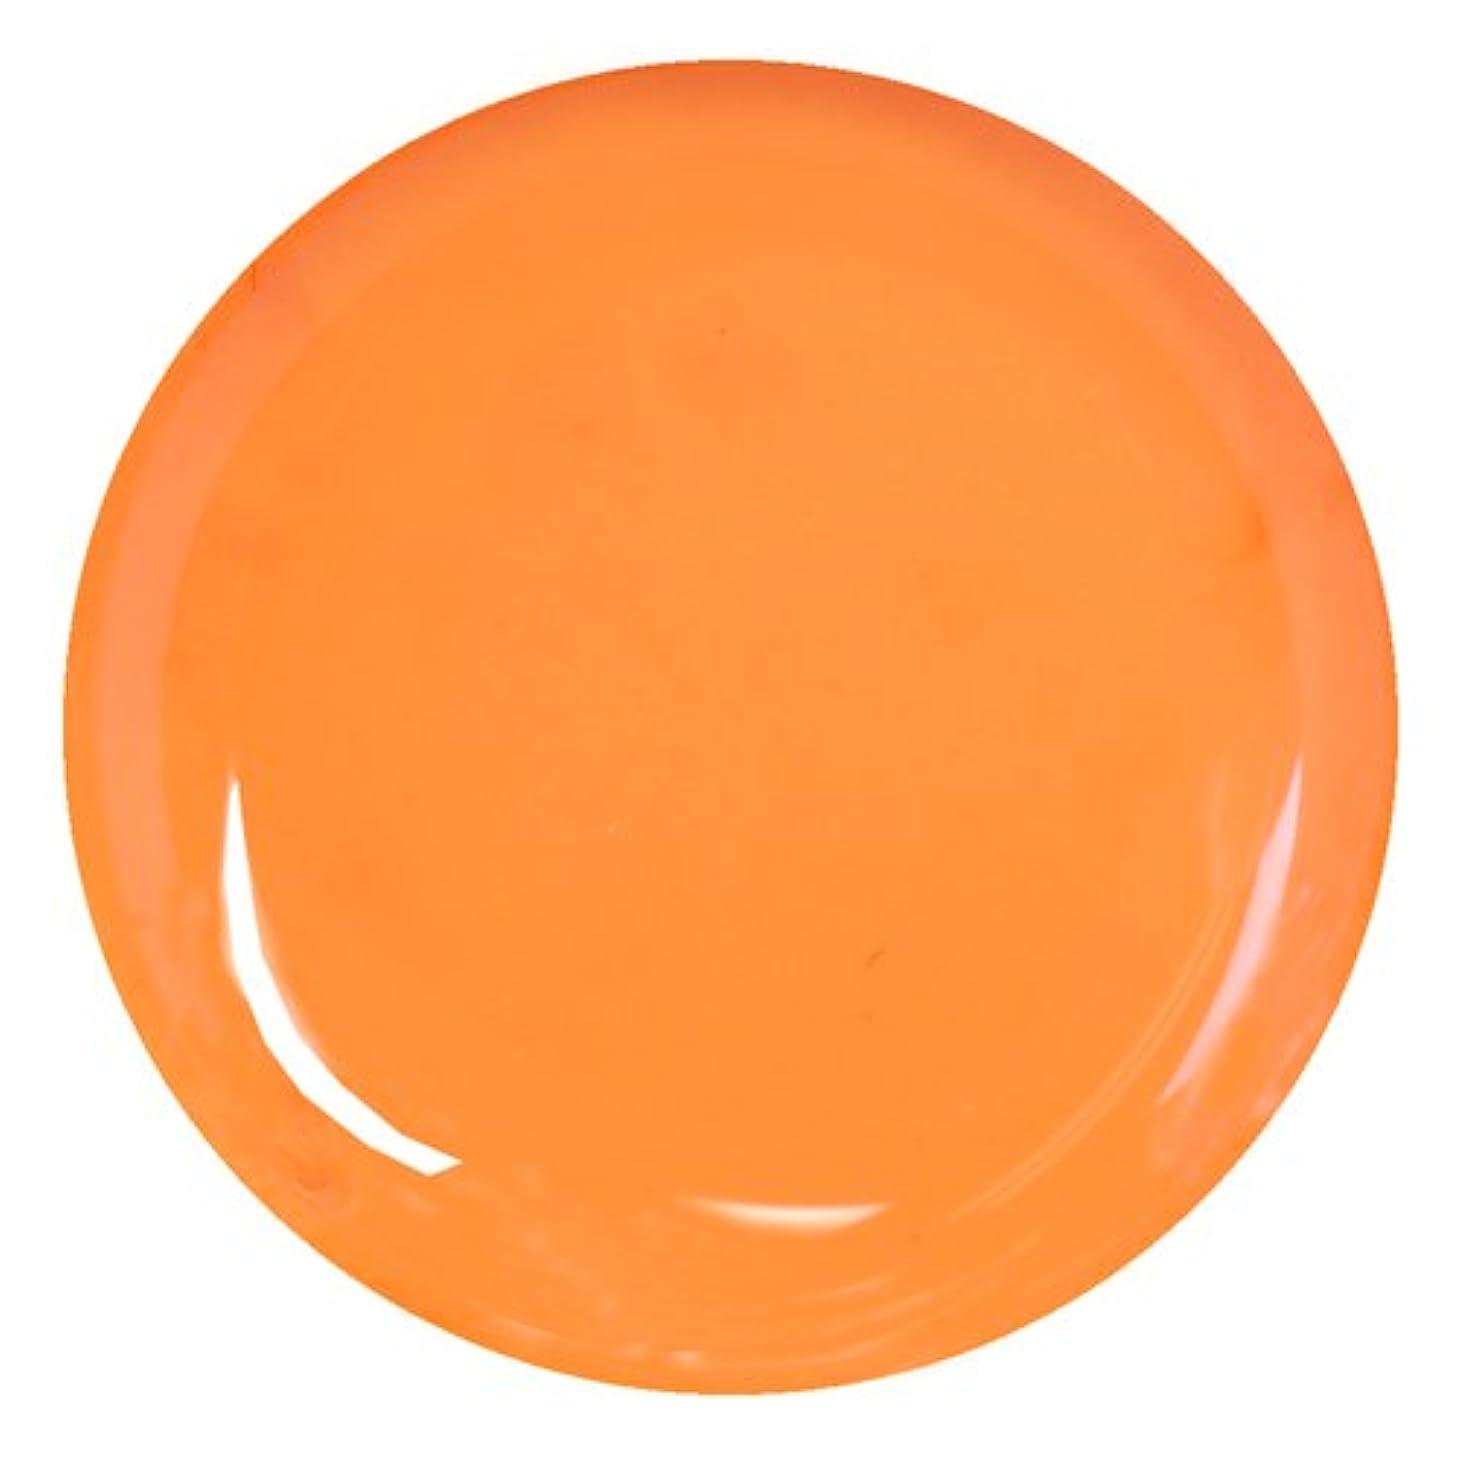 悲しいことにチューブ東MY GEL(マイジェル) ソフトジェル サマーオレンジ 4g 【マット】 発色が良くリフトしにくい!